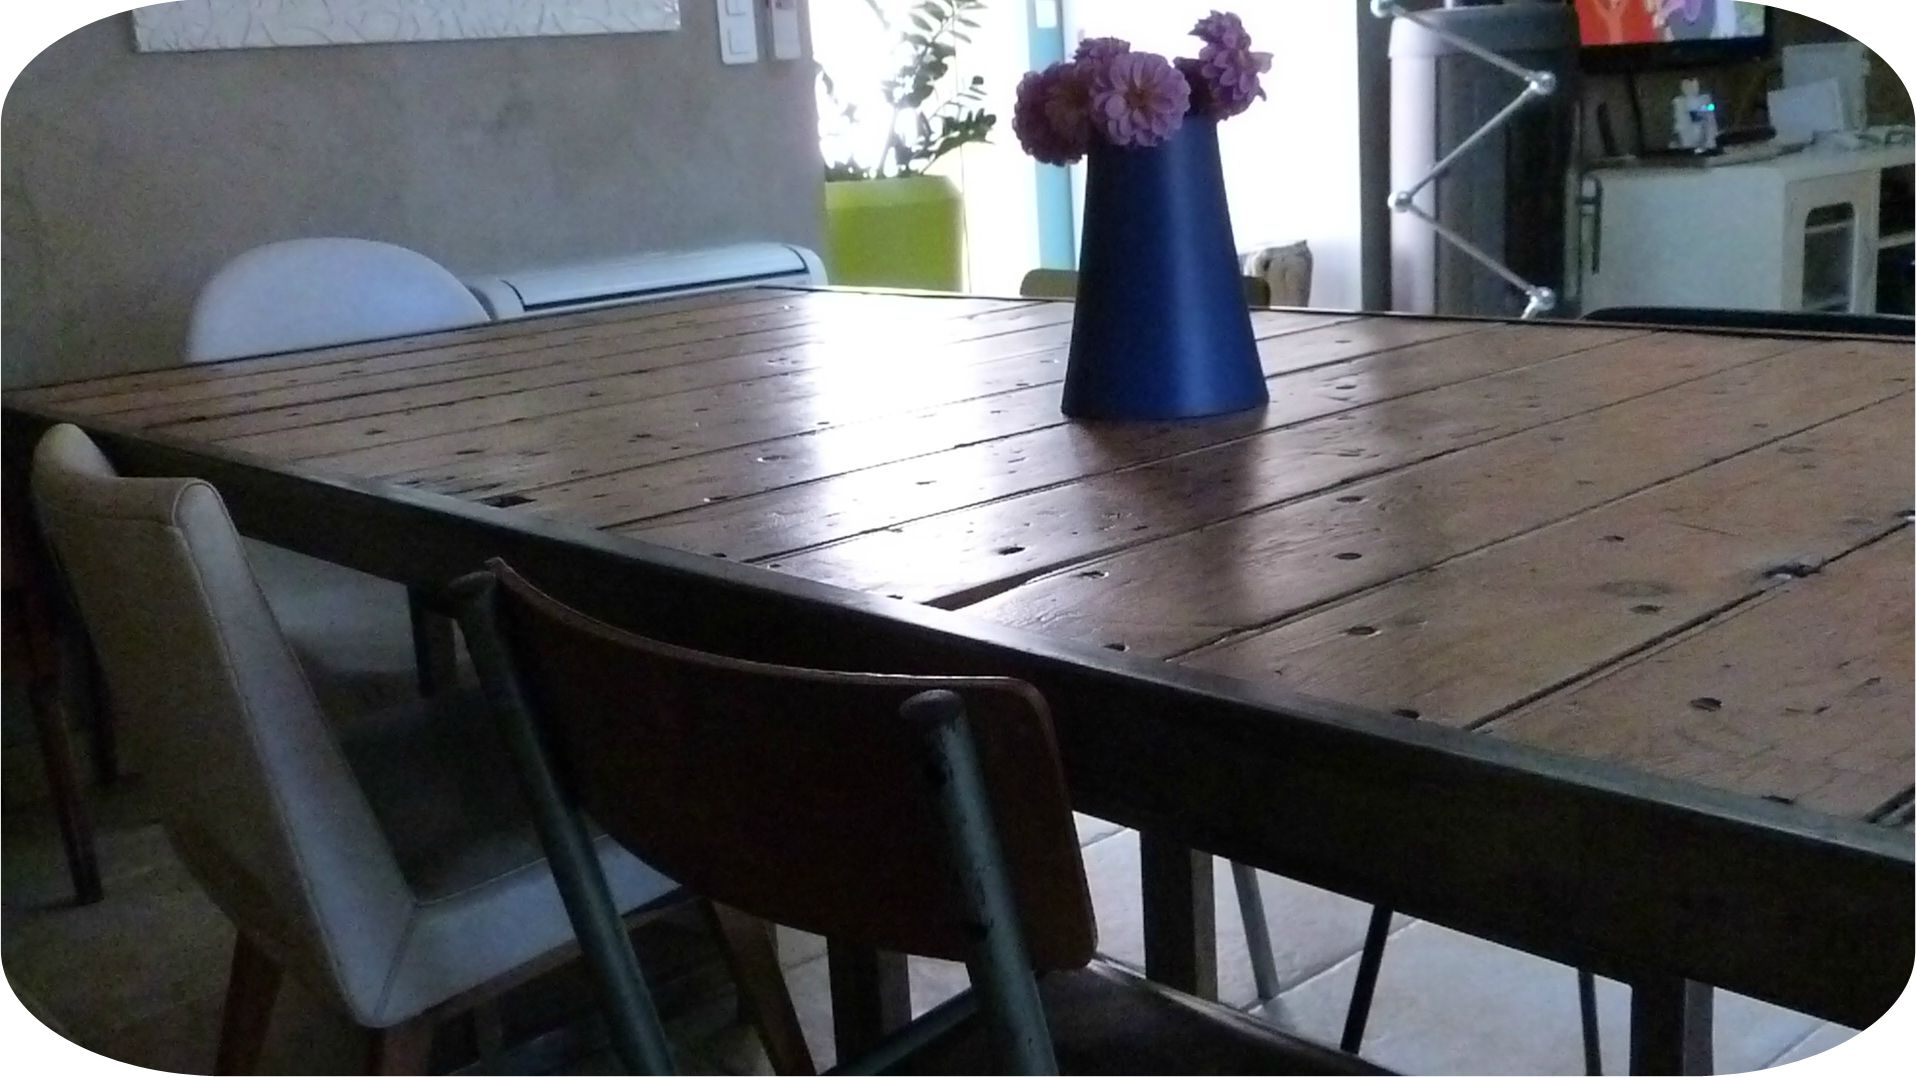 Table De Ferme Ancienne Le Bon Coin Inspirant Chez Moi tous Les Messages Sur Chez Moi Madame Ki Of 20 Beau Table De Ferme Ancienne Le Bon Coin